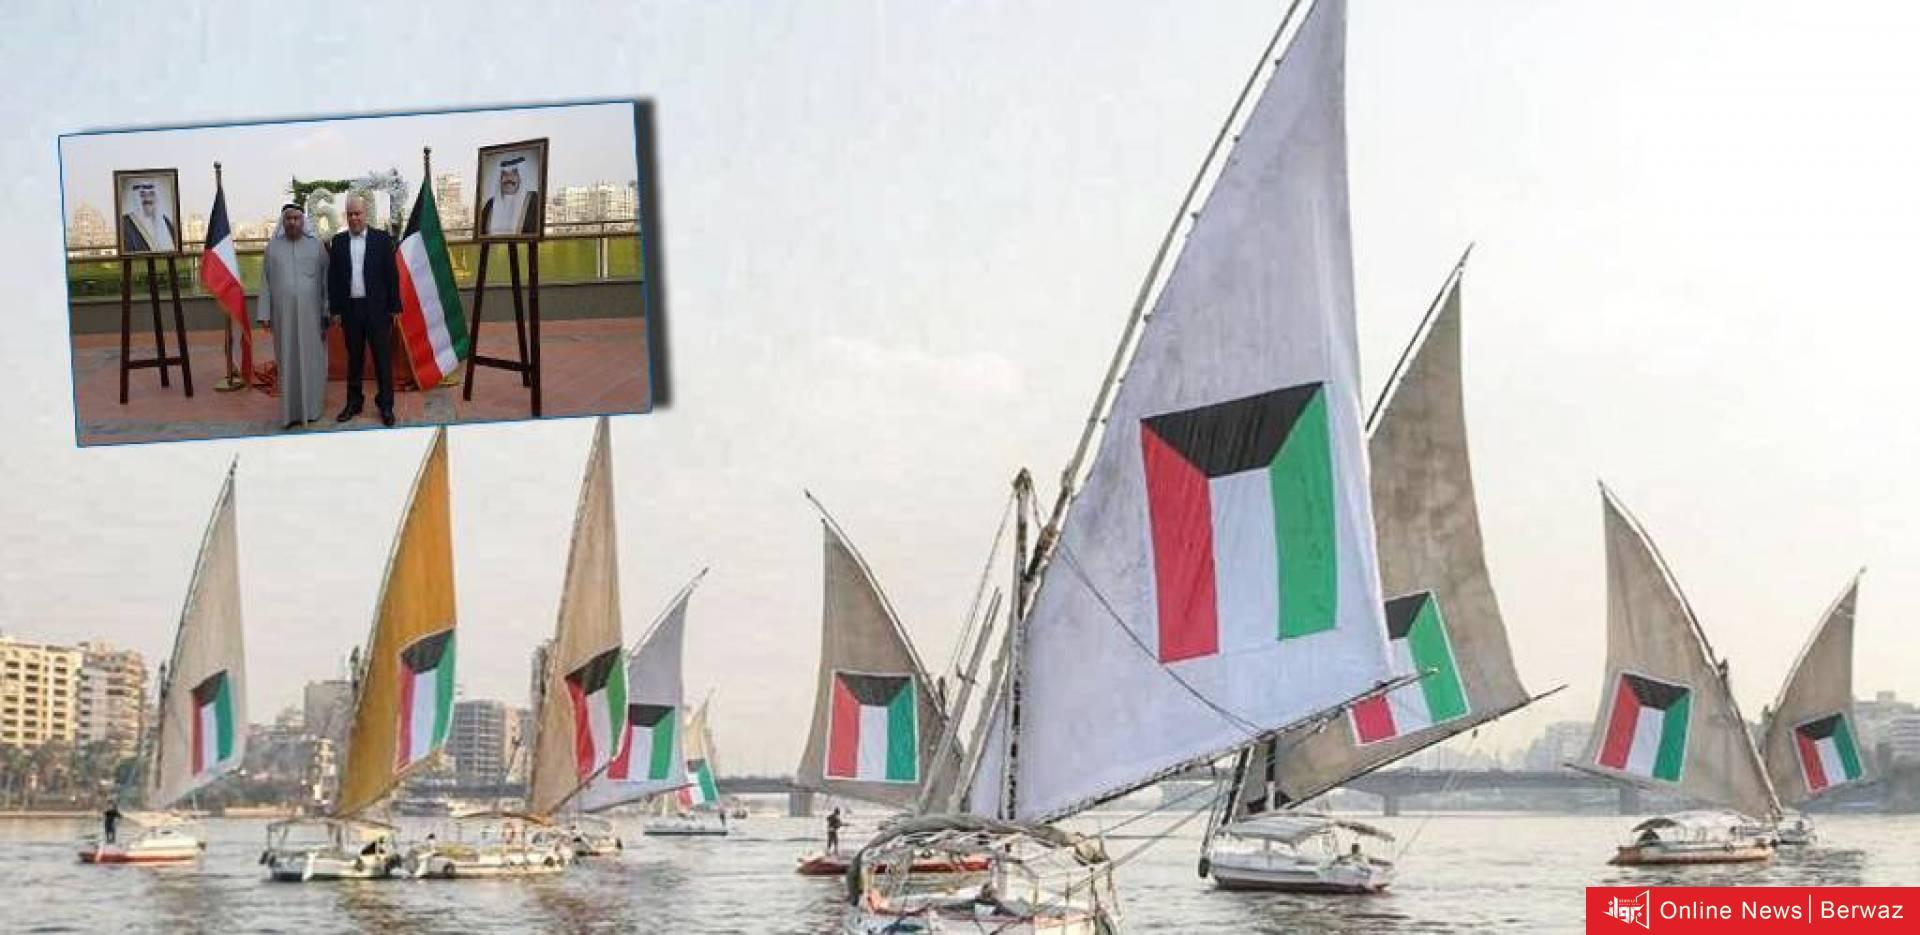 cats 11 - بالمراكب الشراعية وعلم الكويت تحتفل سفارتنا بالقاهرة بالأعياد الوطنية في نهر النيل